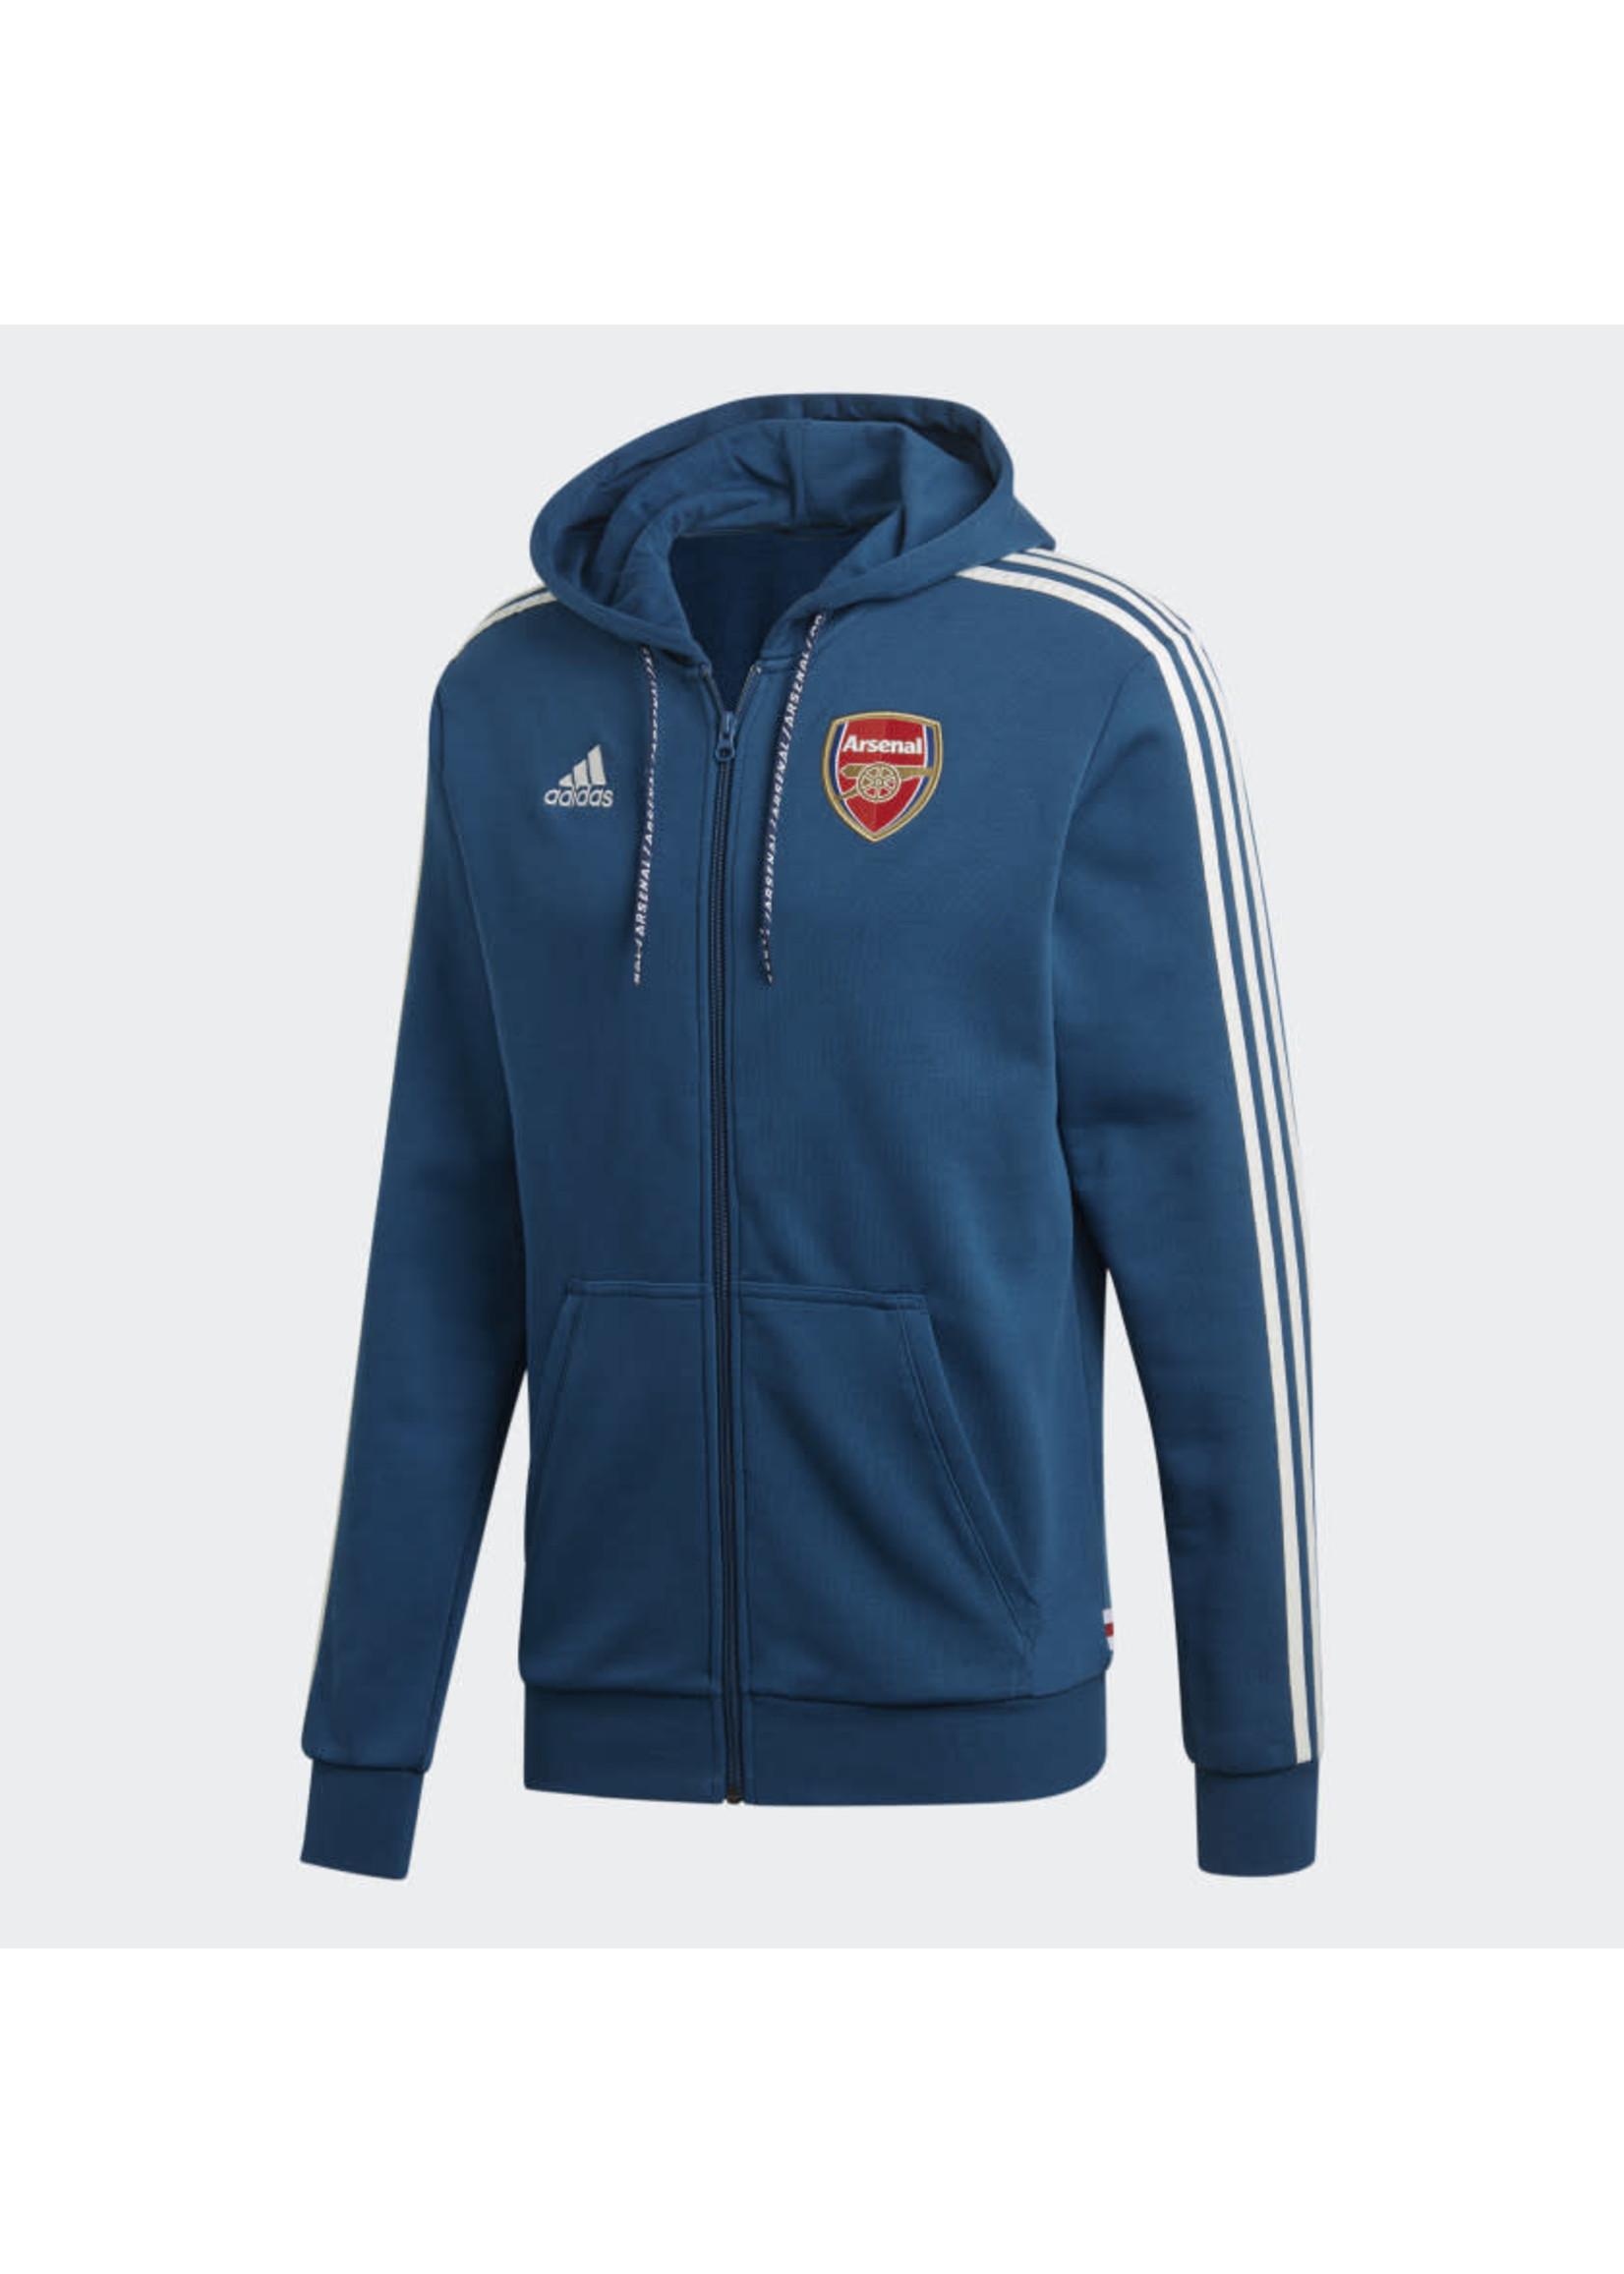 Adidas Arsenal Full Zip Hoodie